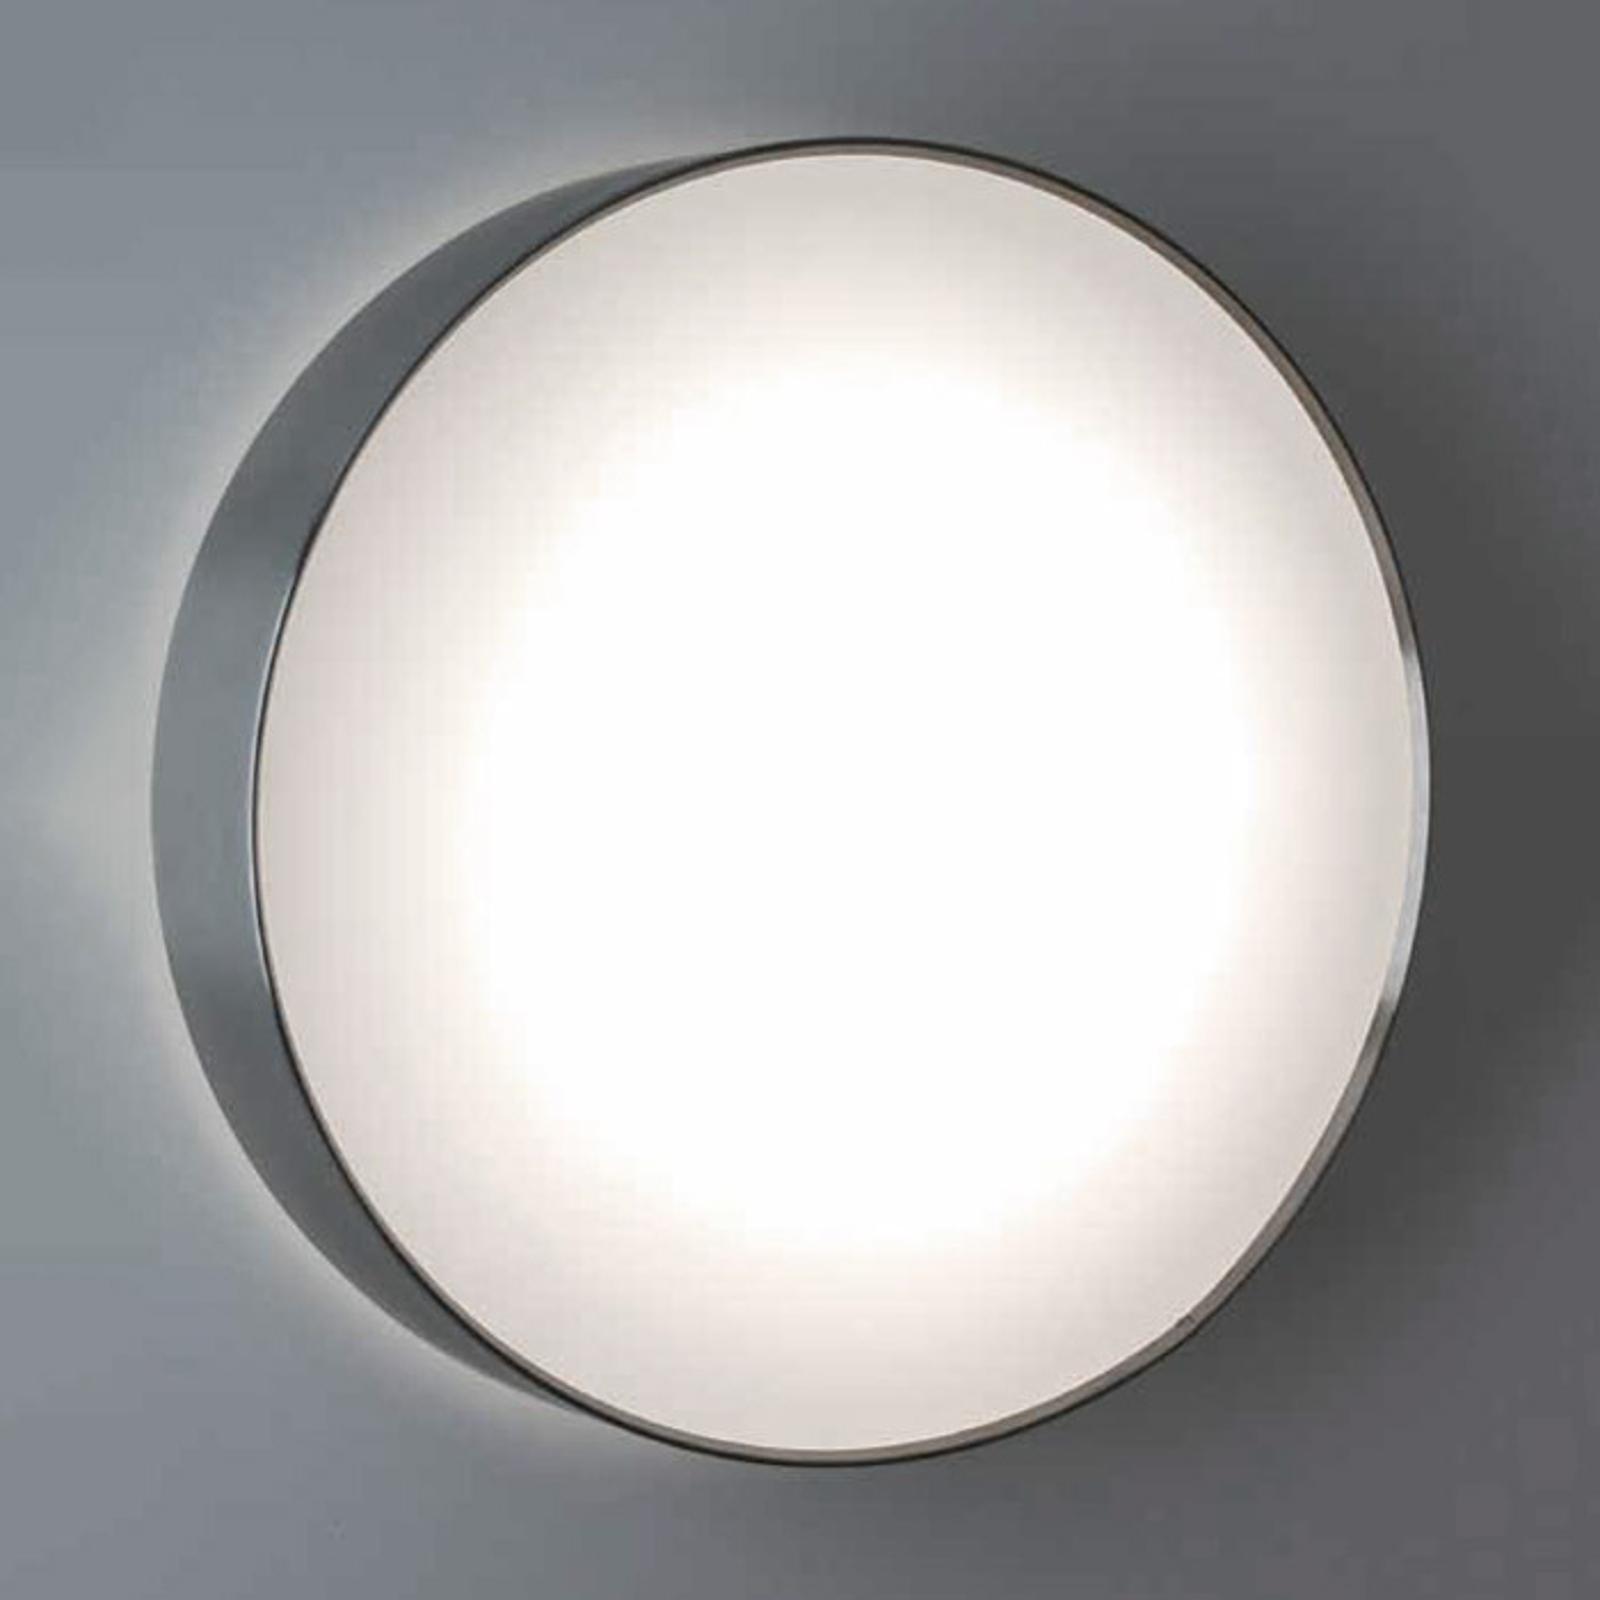 Taklampa rostfritt stål SUN 4 LED, 8W 4K